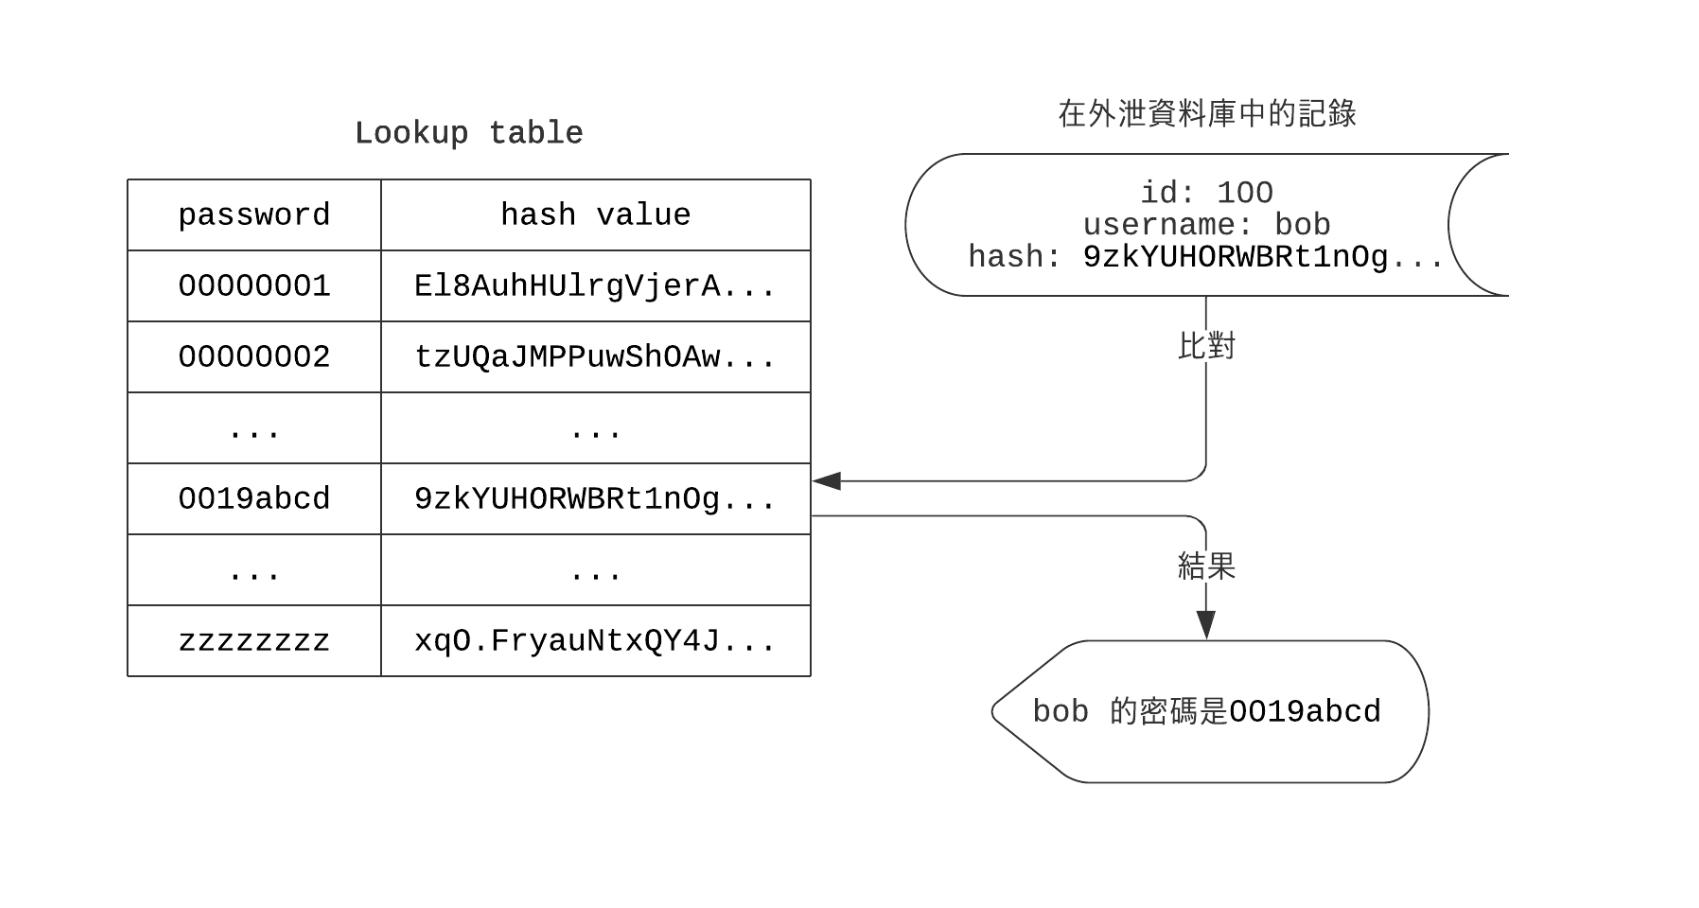 Figure 2: 預先運算可能密碼組合的 hash value 並儲存到 lookup table。破解密碼時,只須以 hash value 搜尋密碼明文即可。